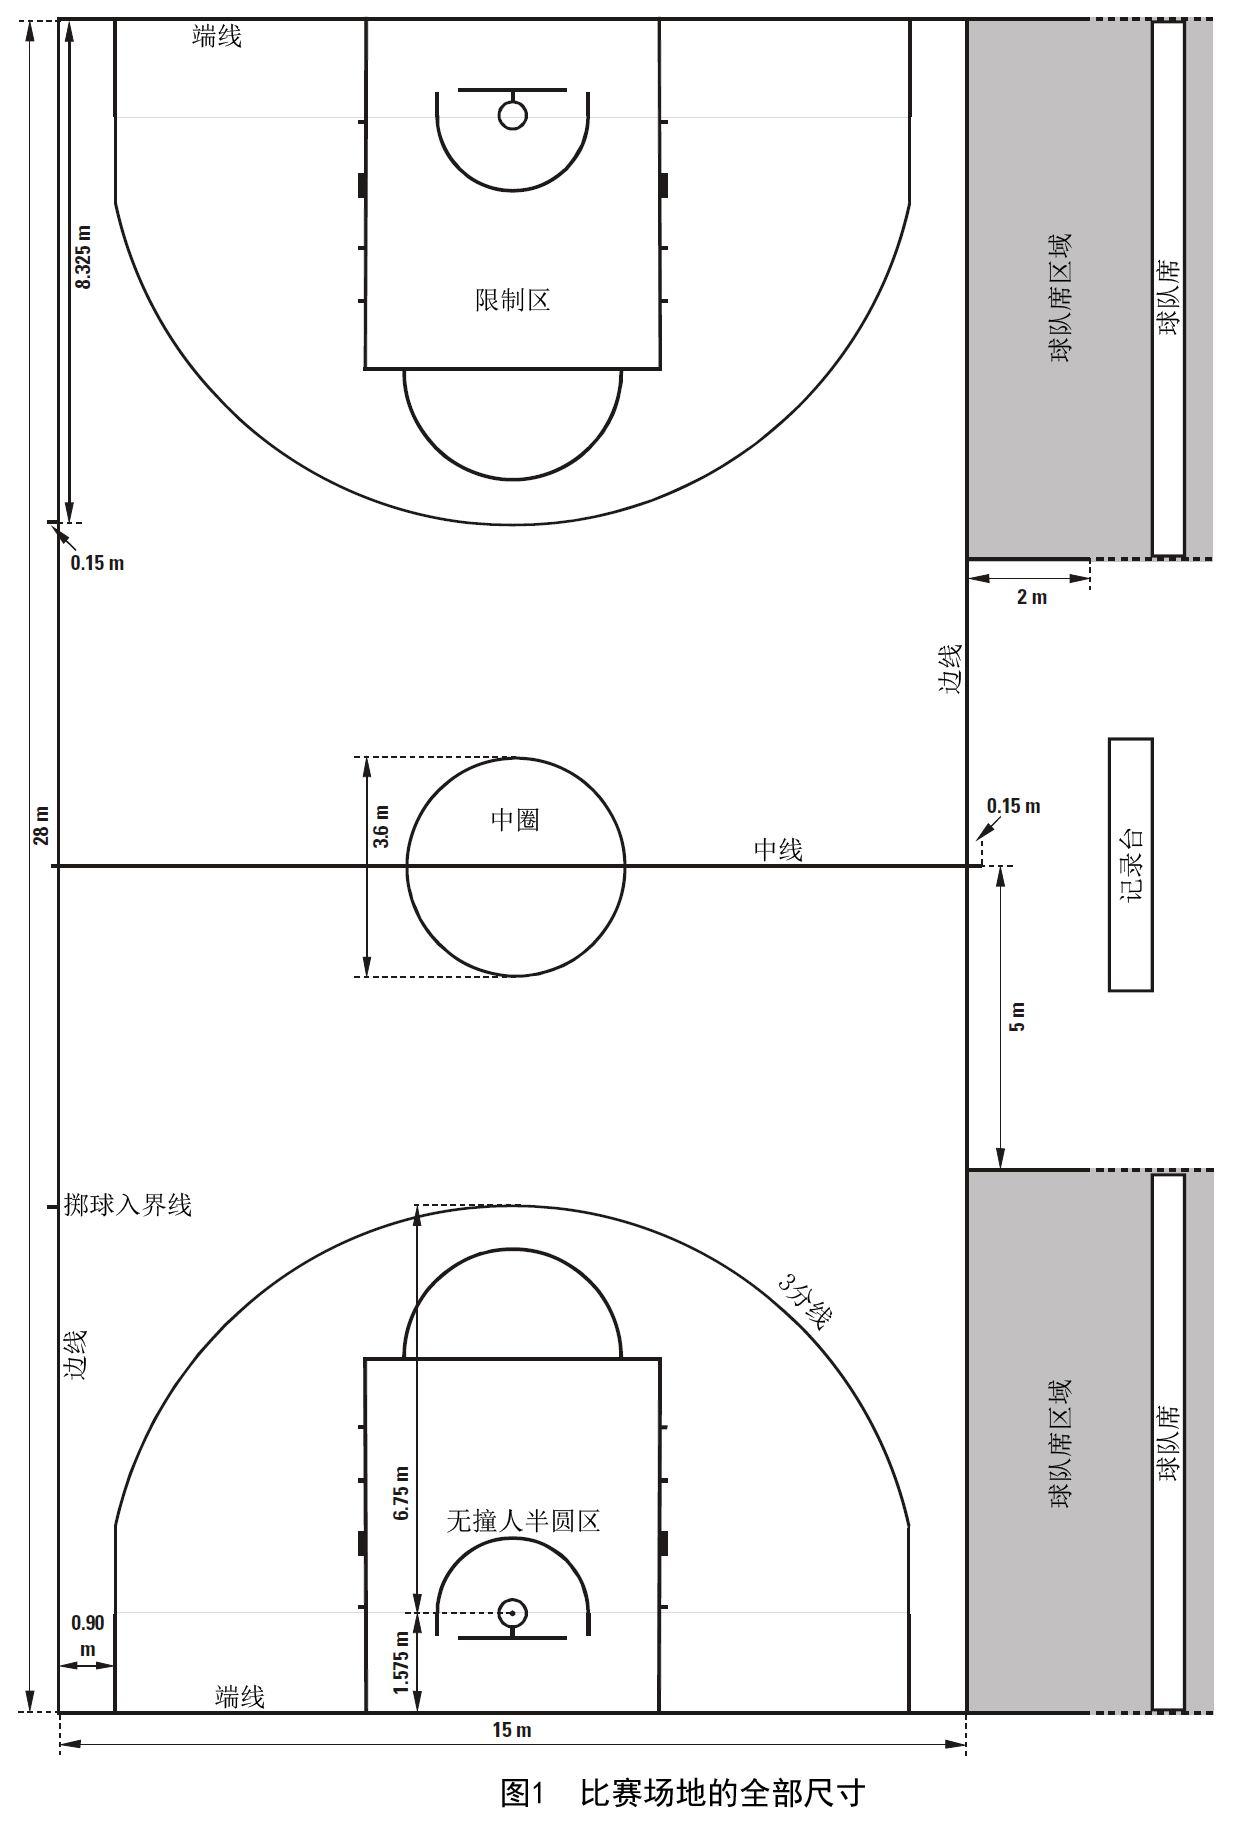 新标准篮球场地尺寸画法图片 篮球场地标准尺寸,篮球场地尺